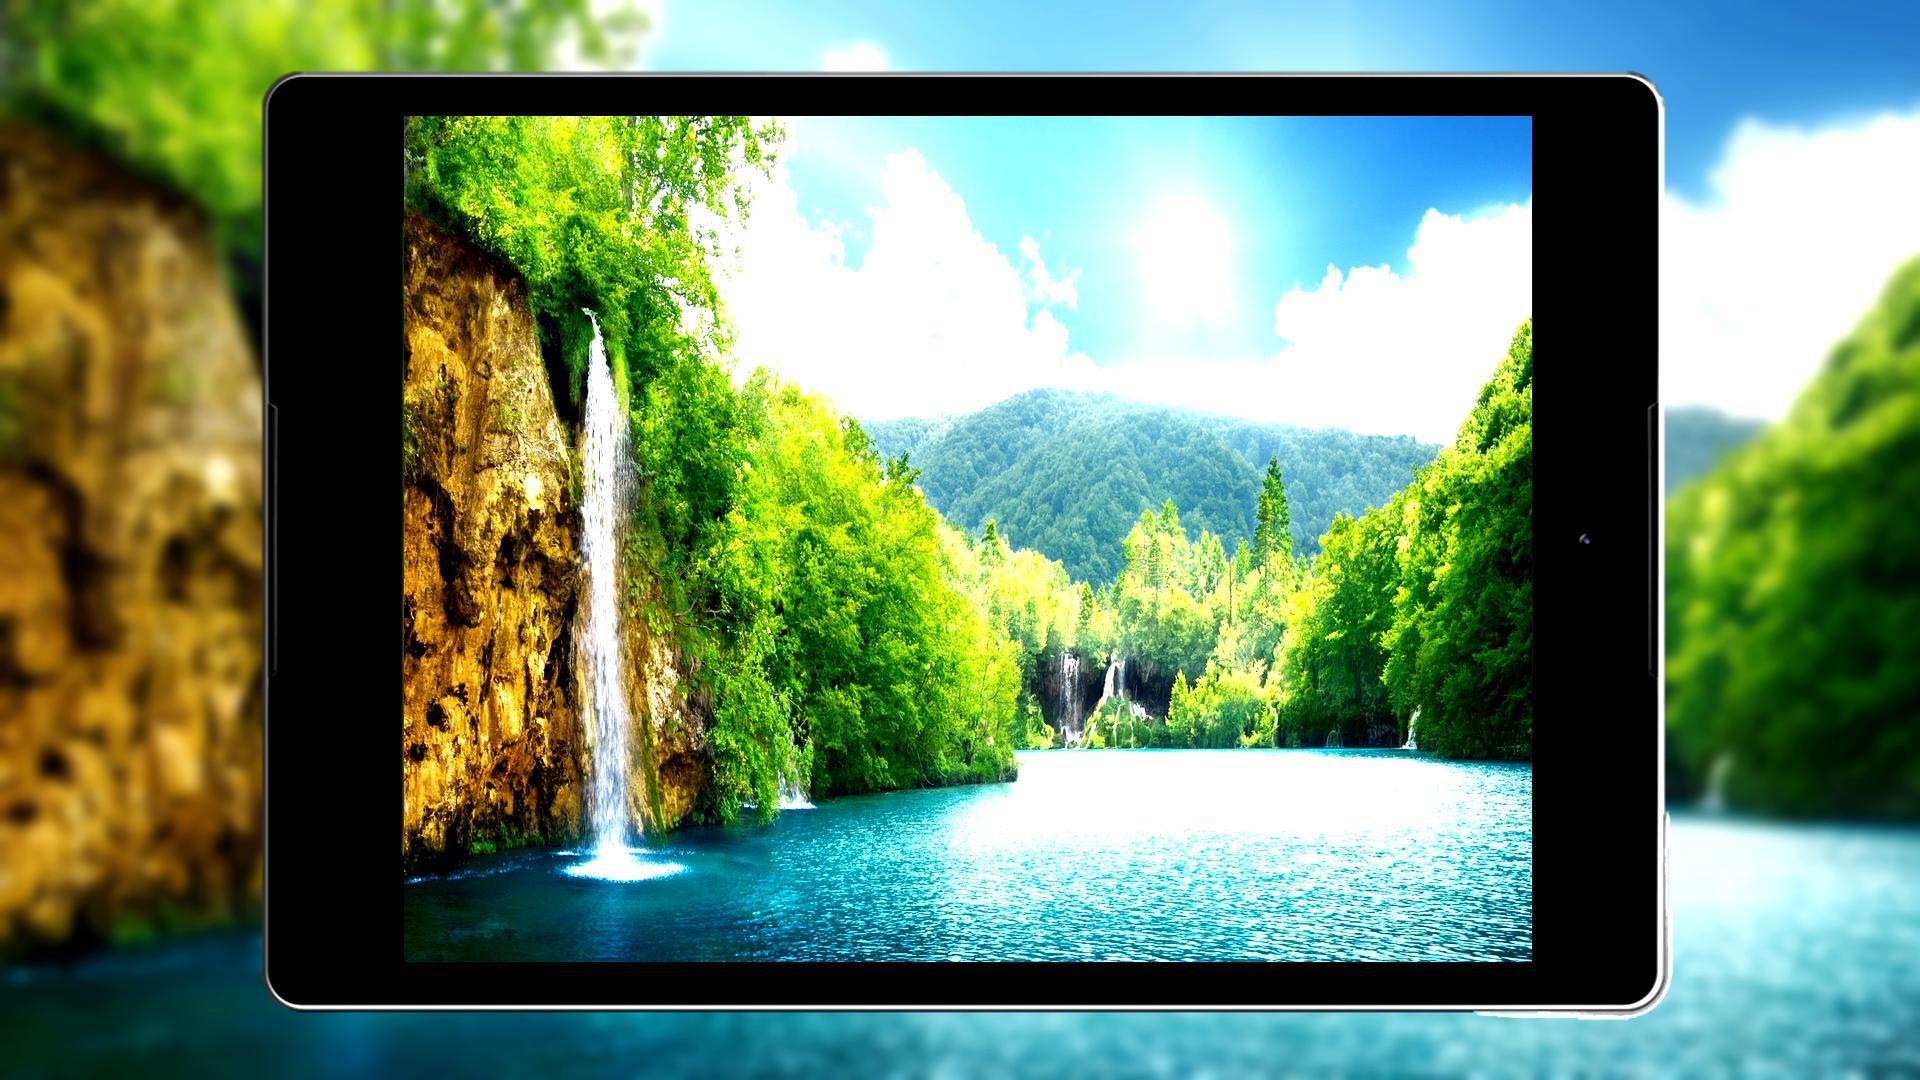 Nature Fonds D Ecran Et Fonds D Ecran Hd Pour Android Telechargez L Apk